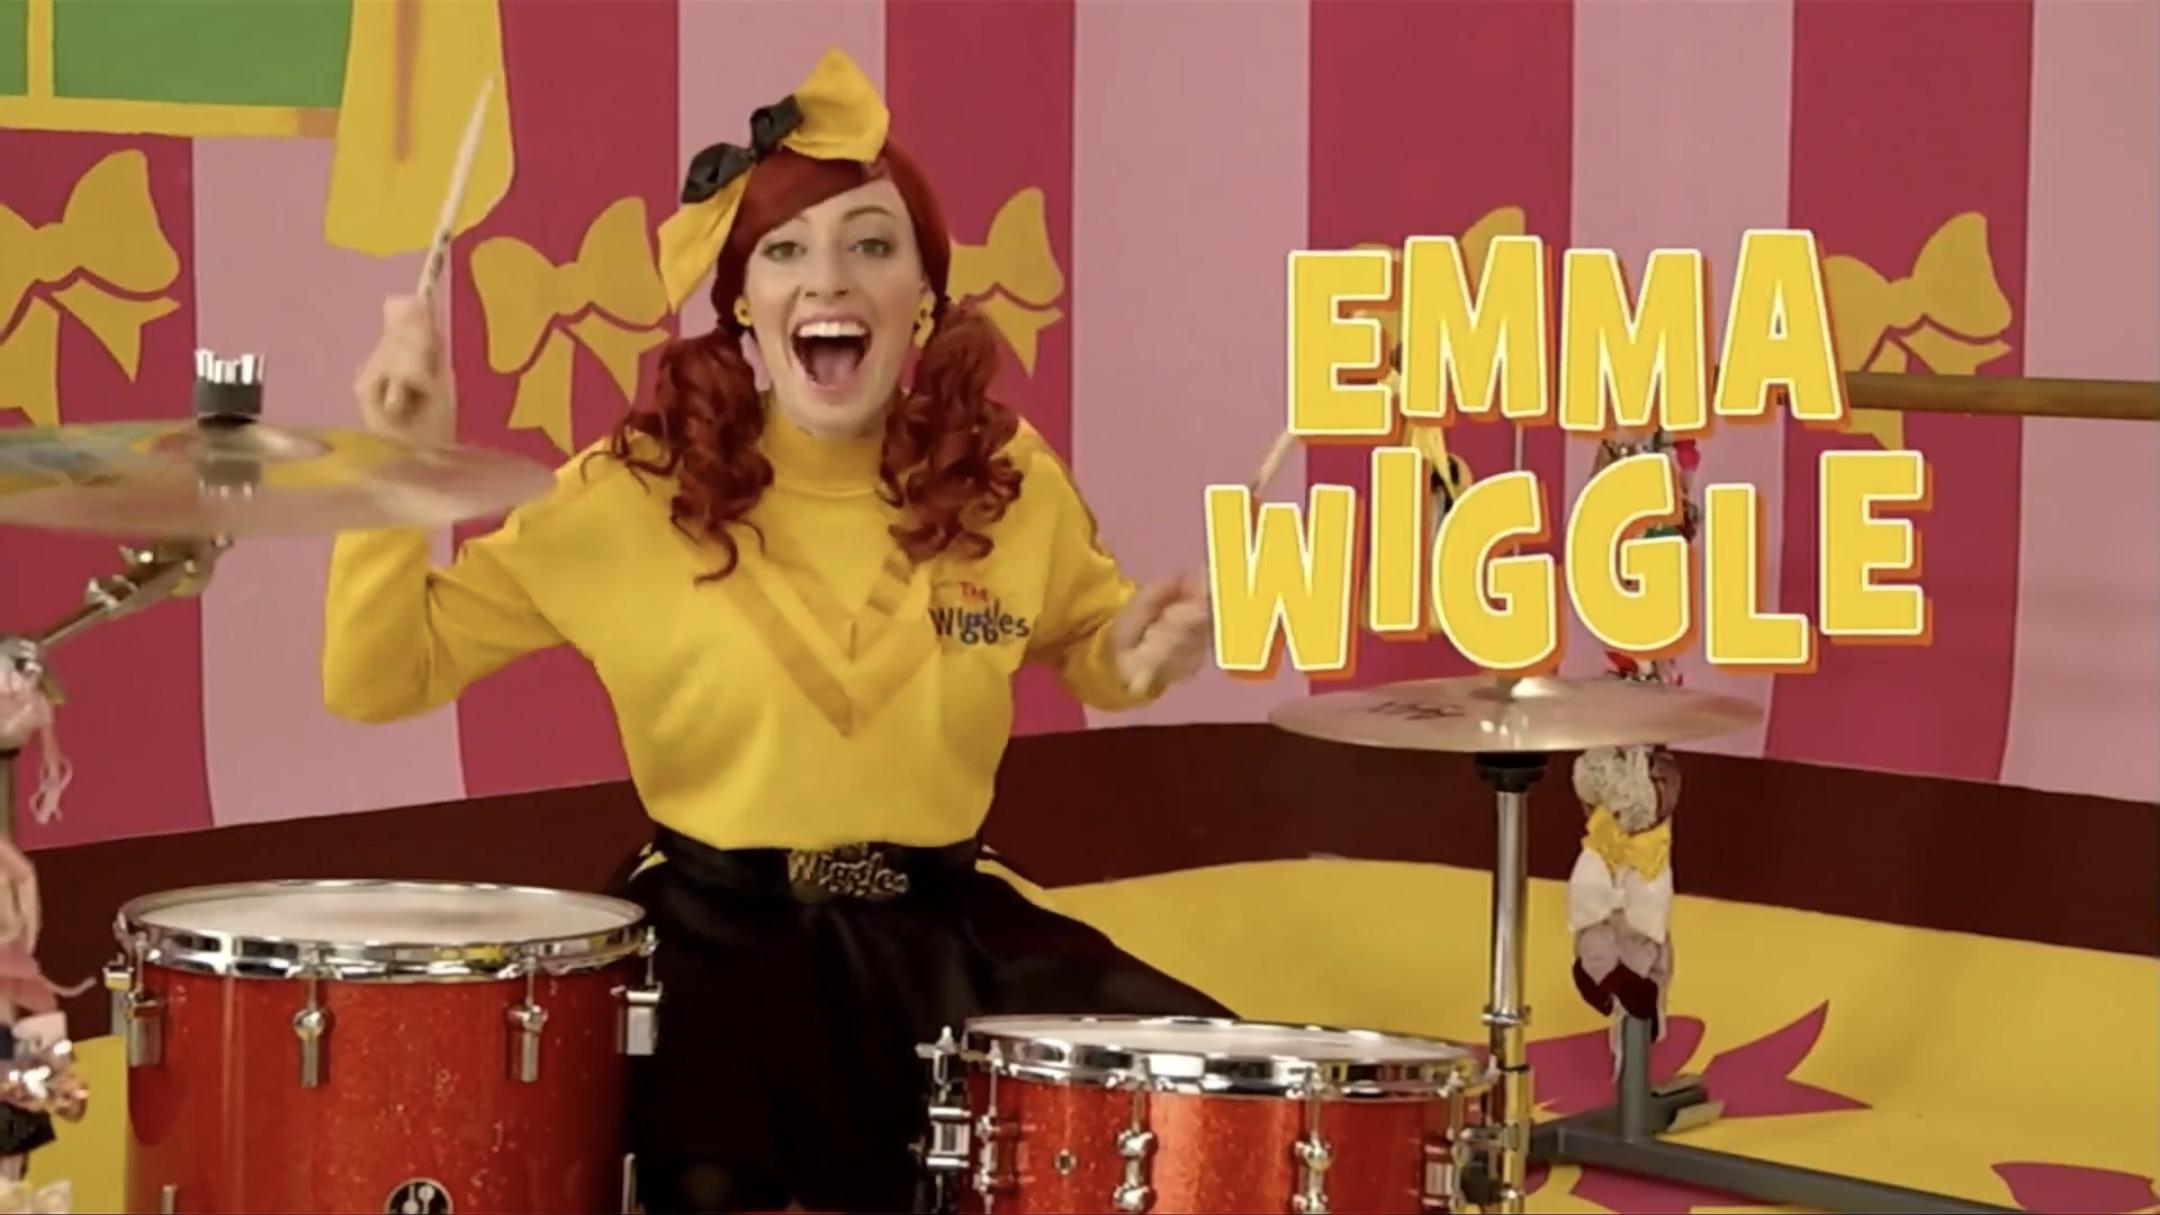 Emma Fan Wikiwiggles